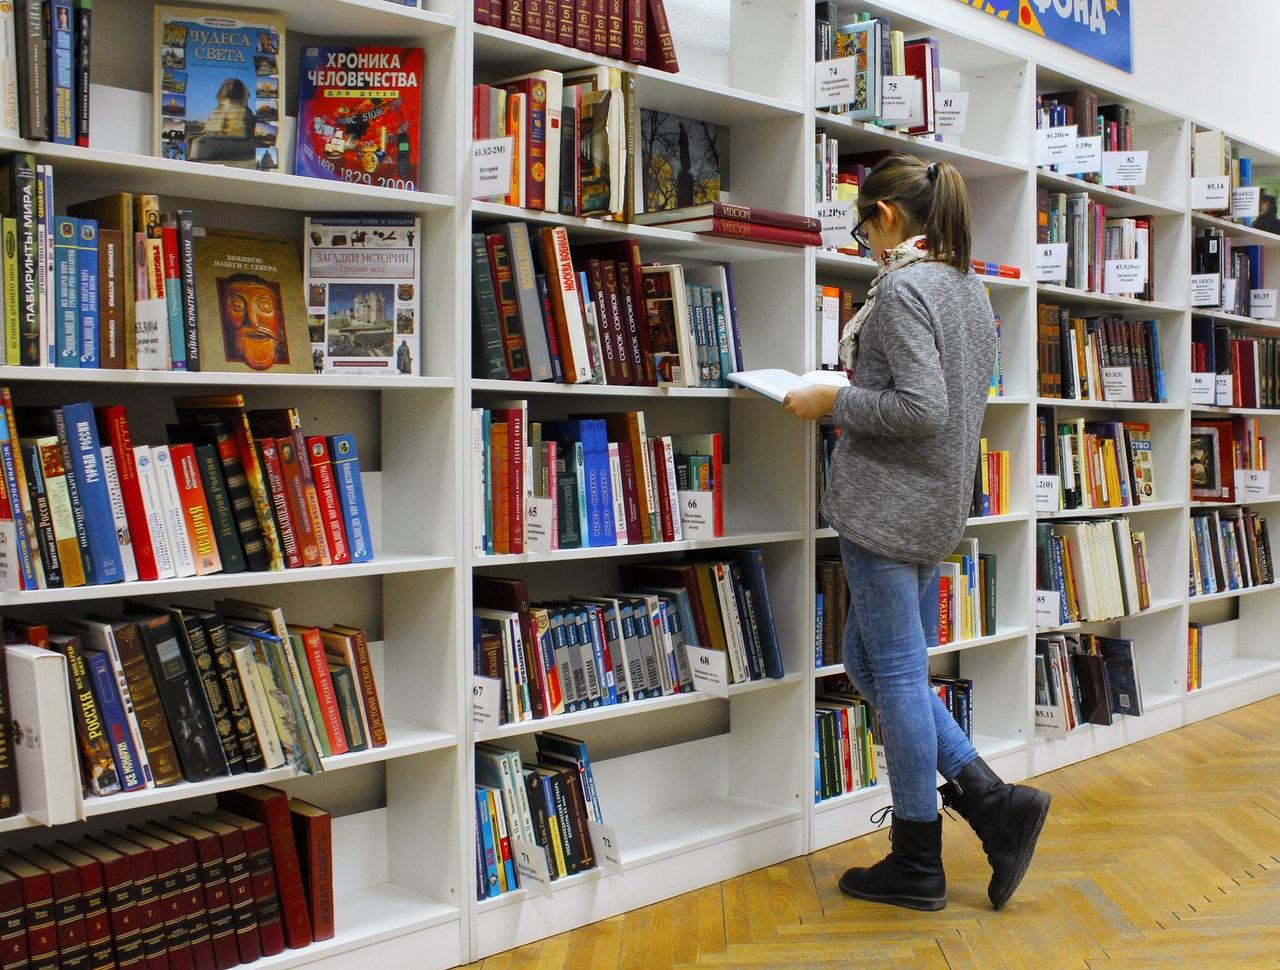 Bibliothèque chez les buralistes